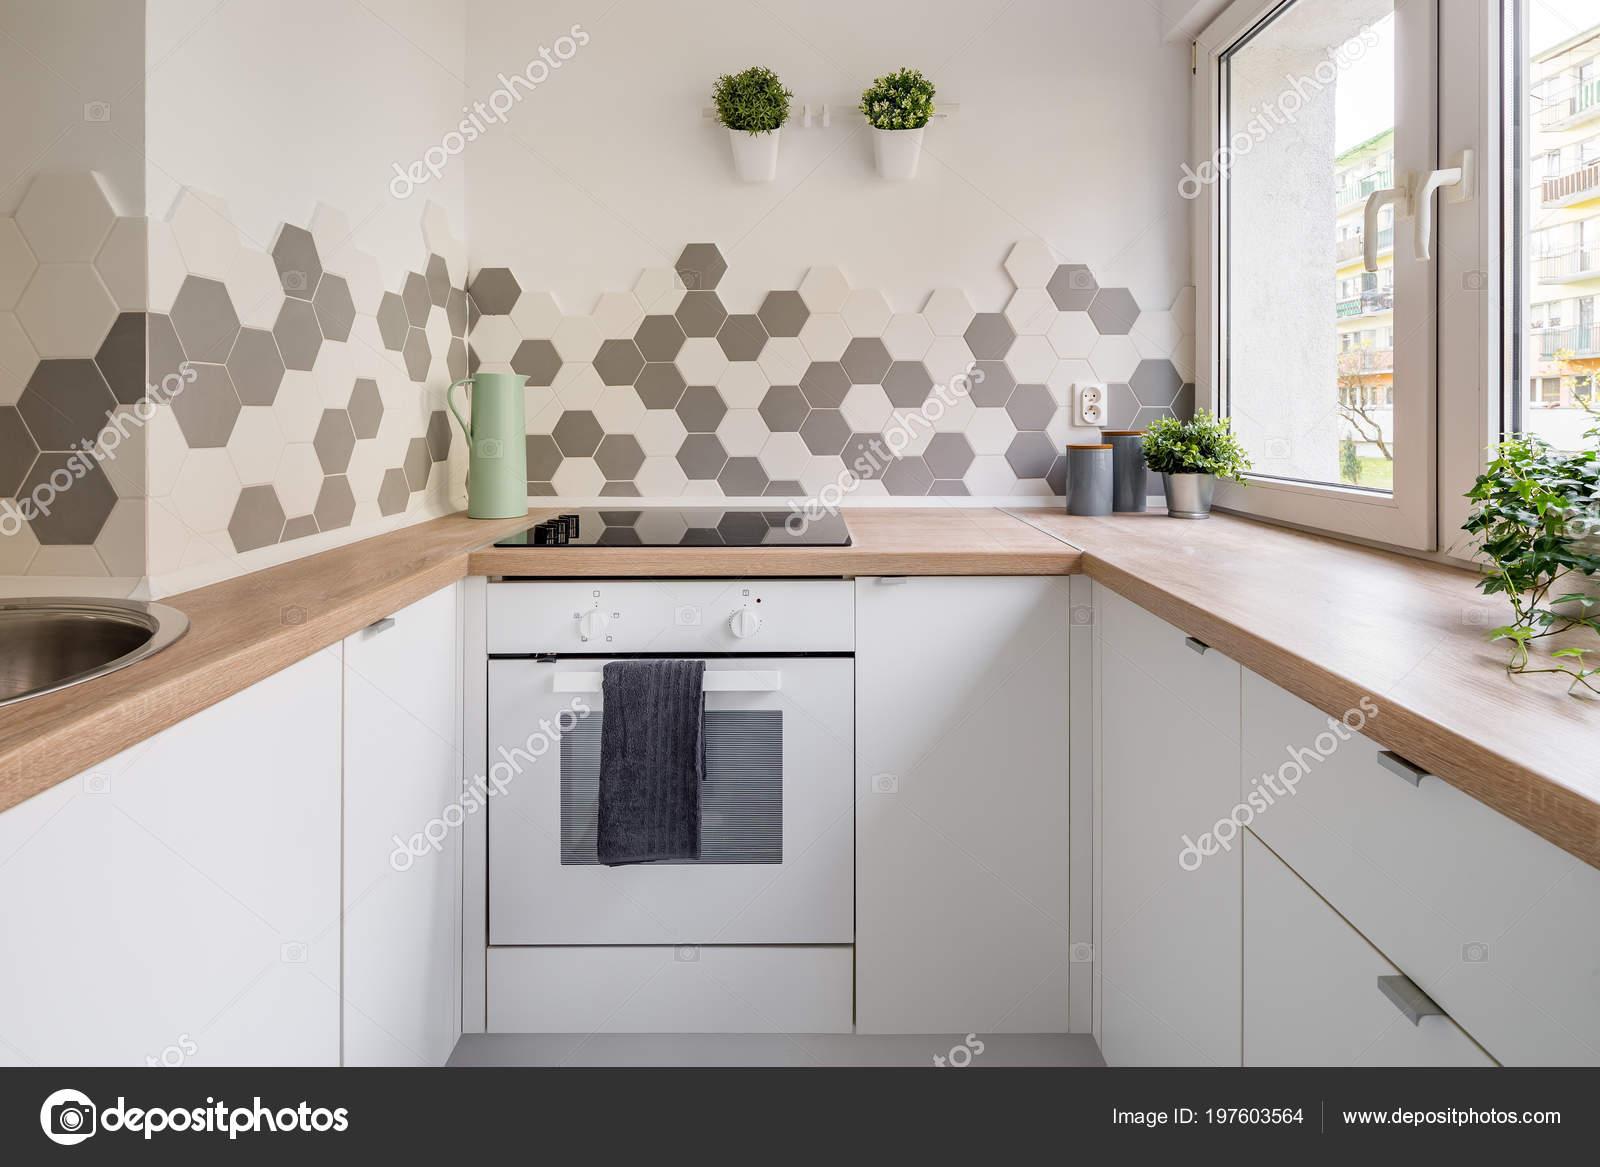 Cucina stile scandinavo con armadi bianchi controsoffitto legno